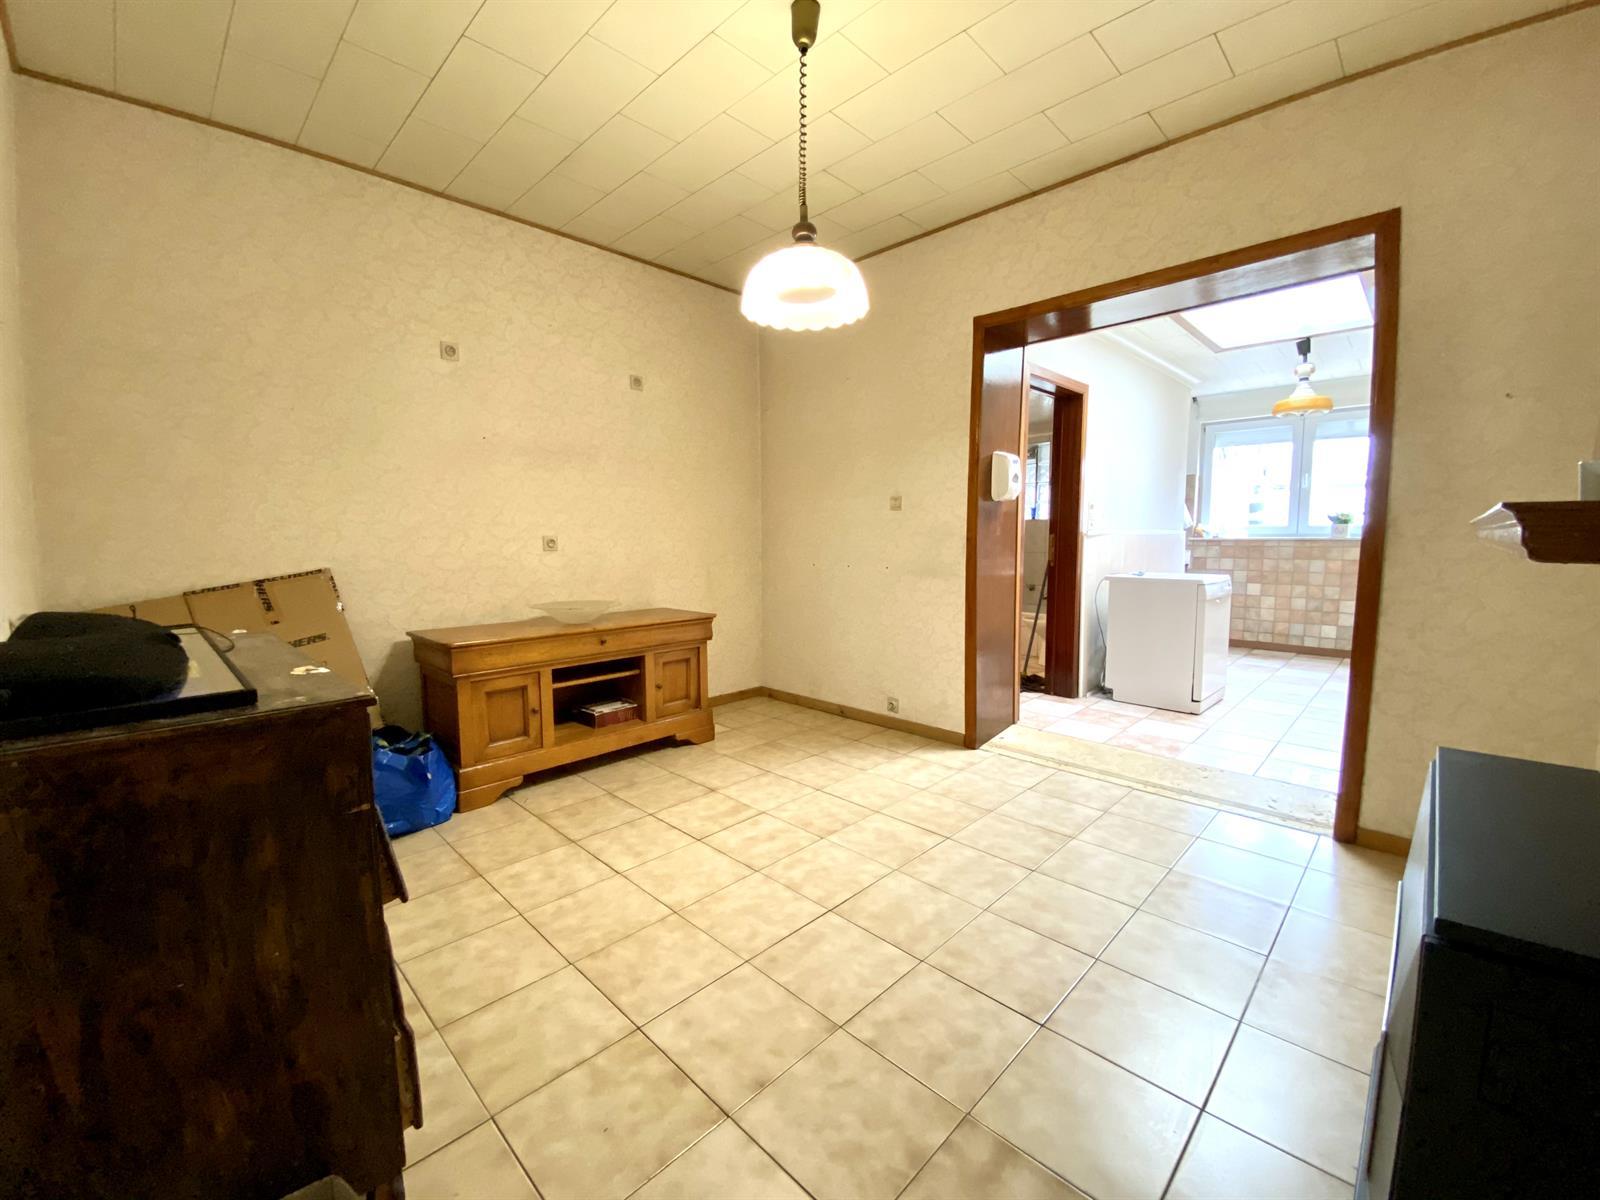 House - Jemeppe-sur-Meuse - #4312091-11